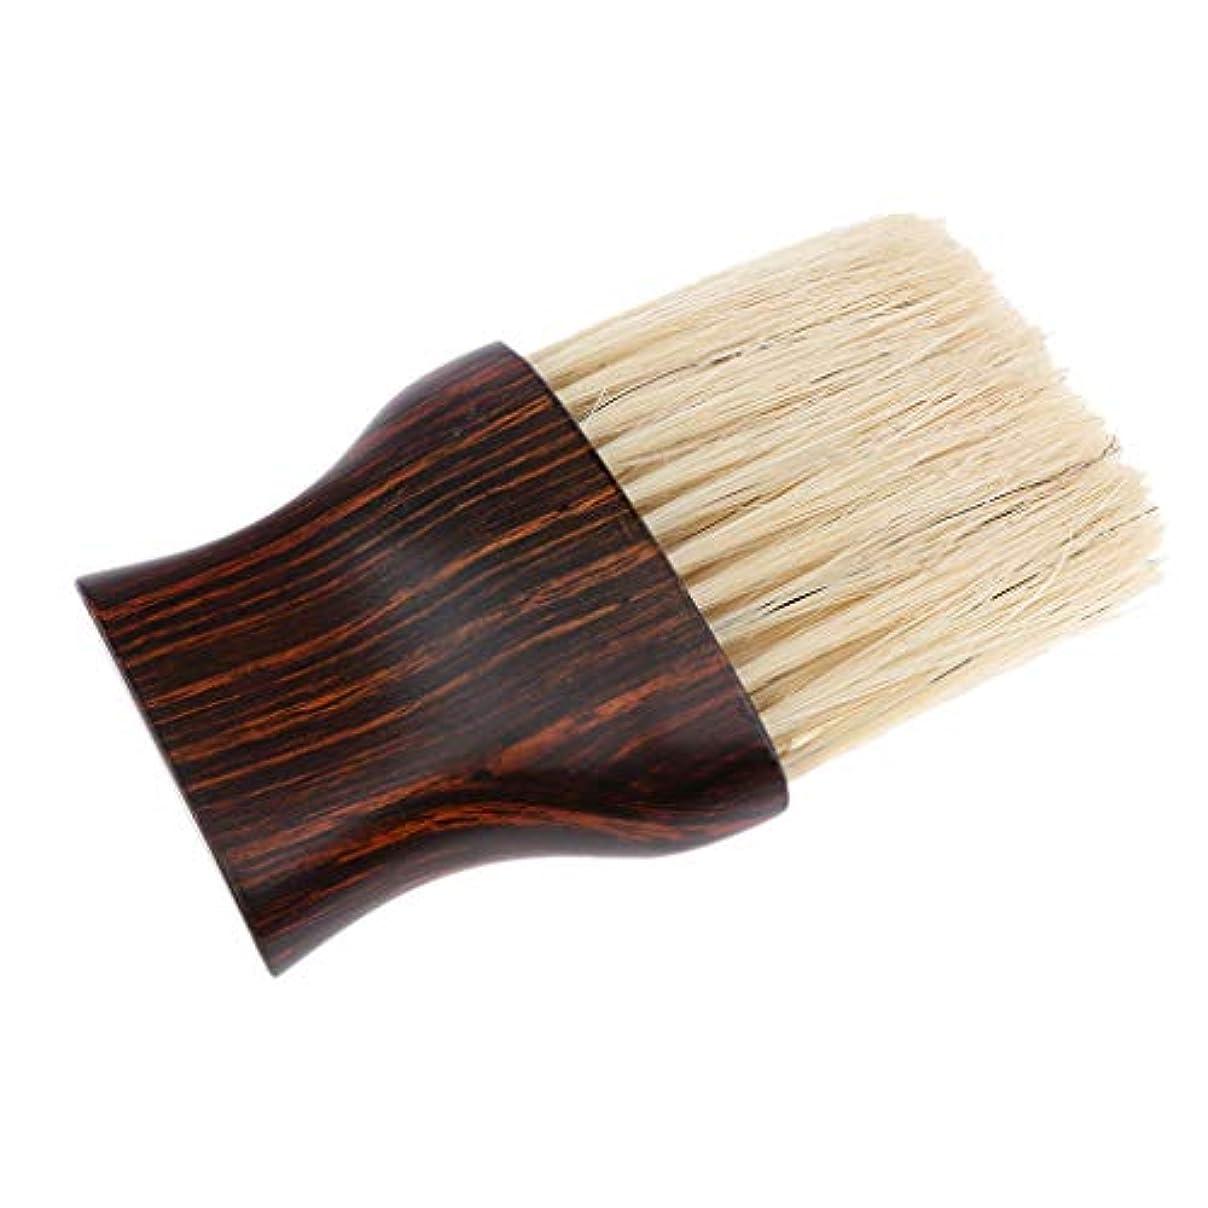 マイクスカイ公平なヘアブラシ 毛払いブラシ 散髪 髪切り 散髪用ツール 床屋 理髪店 美容院 ソフトブラシ